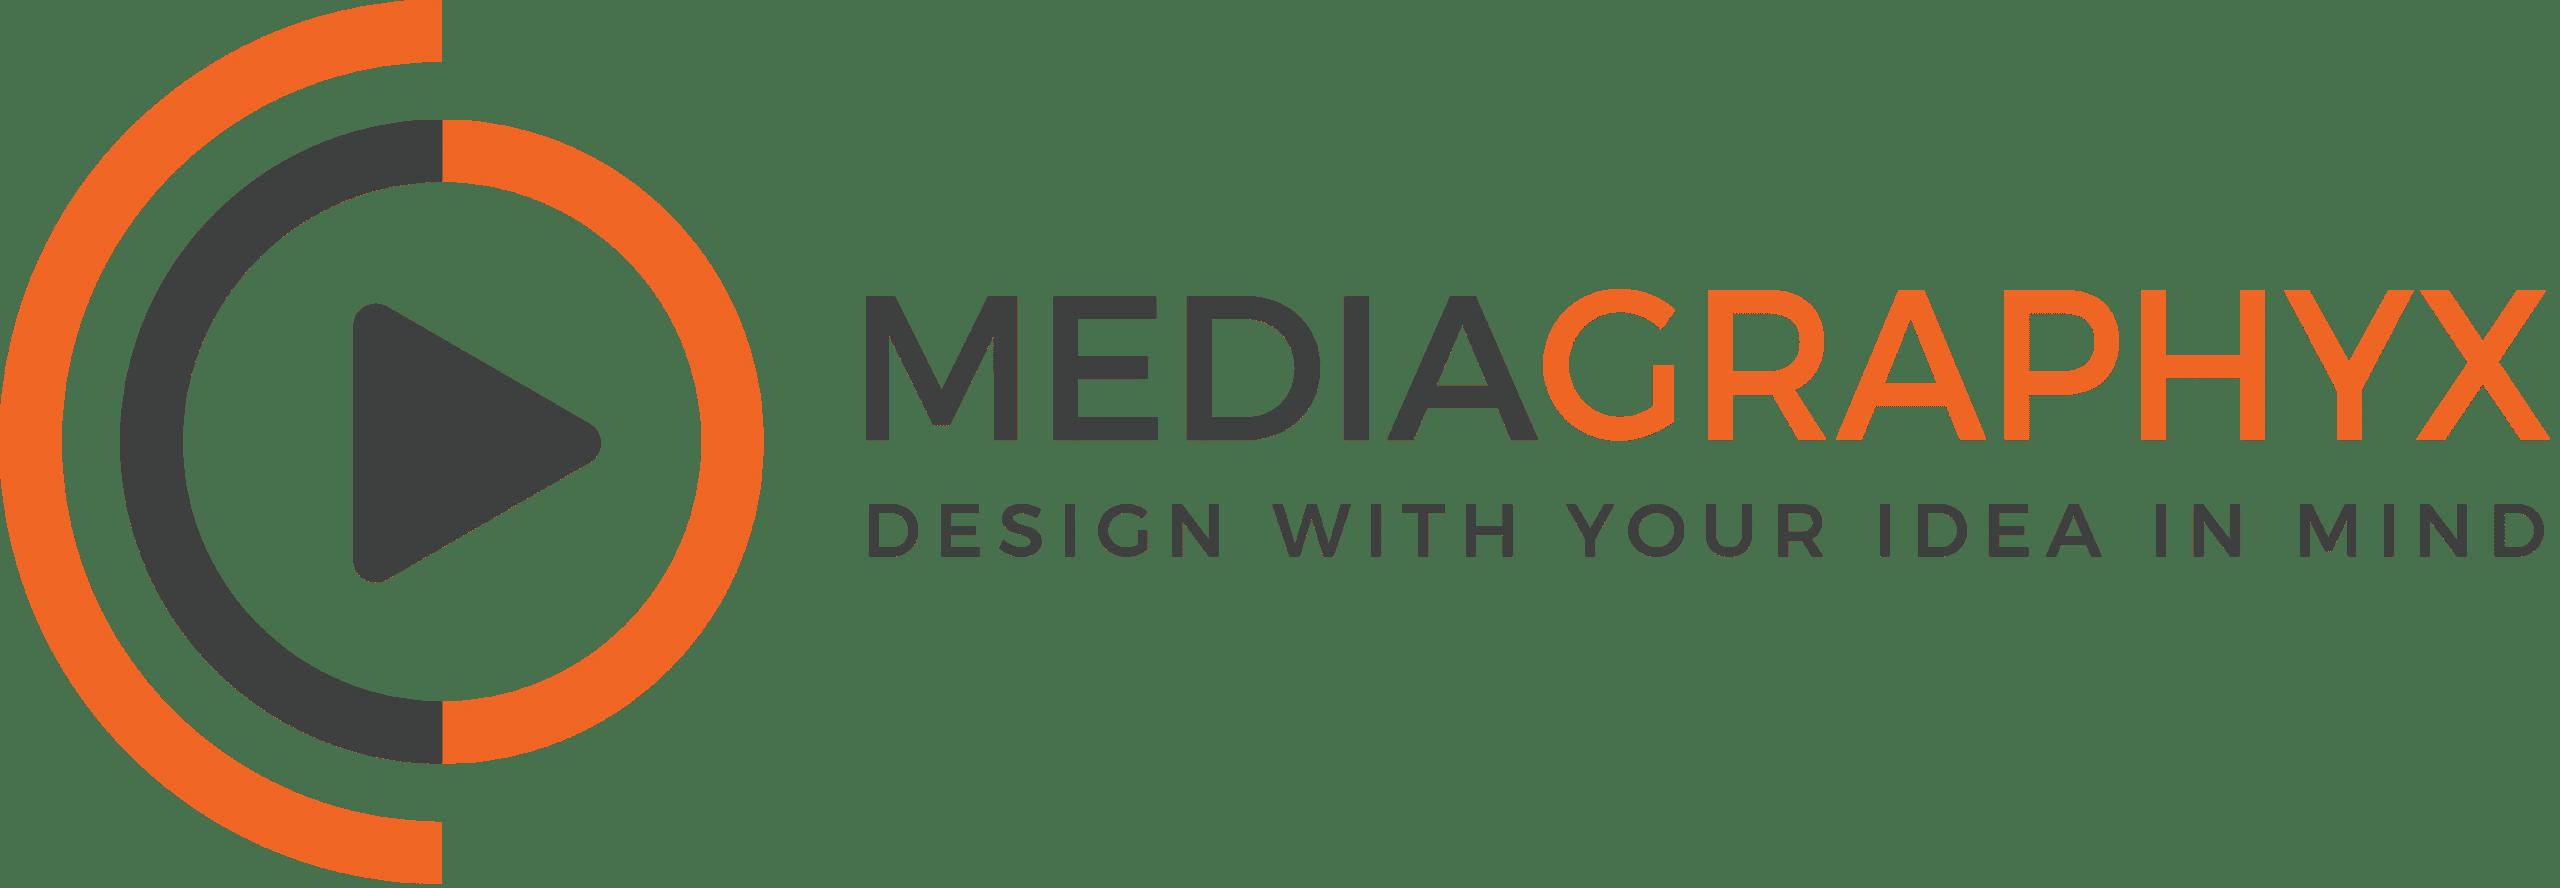 Mediagraphyx